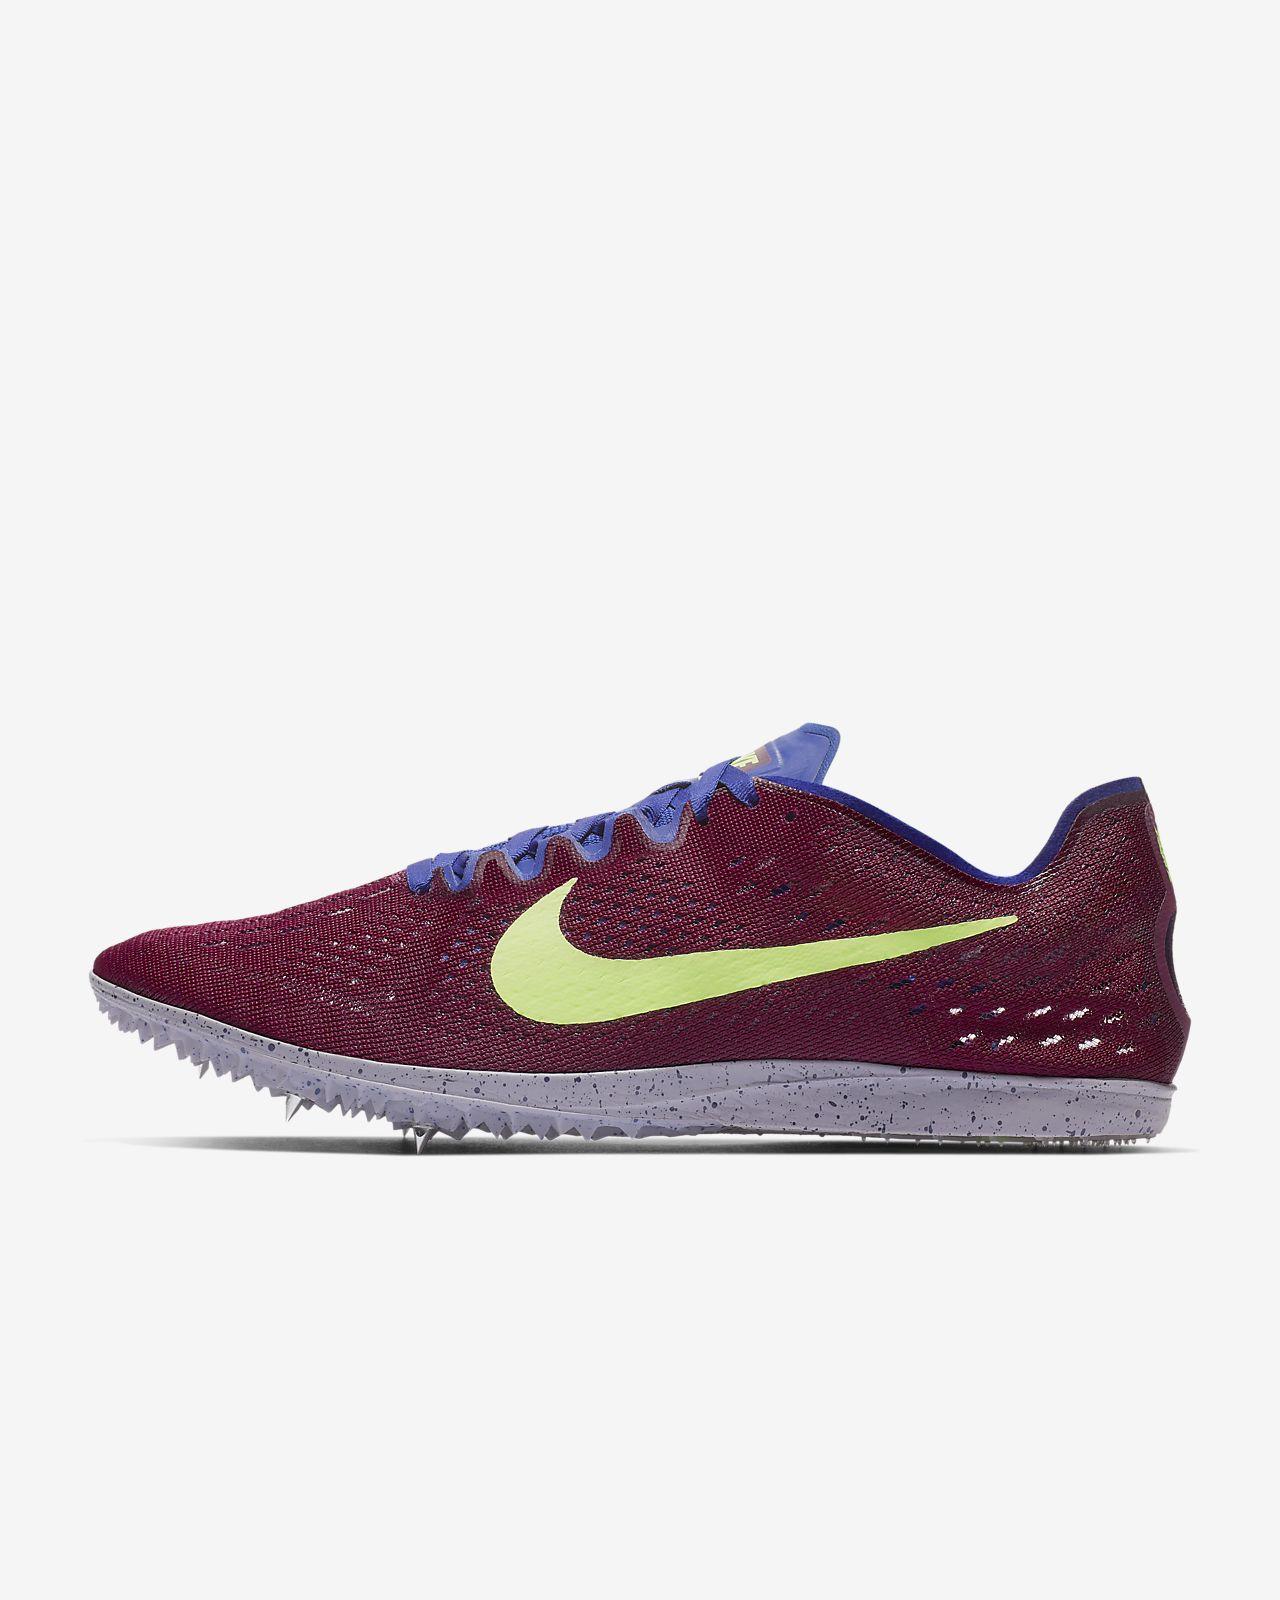 8f7fe91f8aa6b Nike Zoom Matumbo 3 Zapatillas con clavos de carrera - Unisex. Nike ...